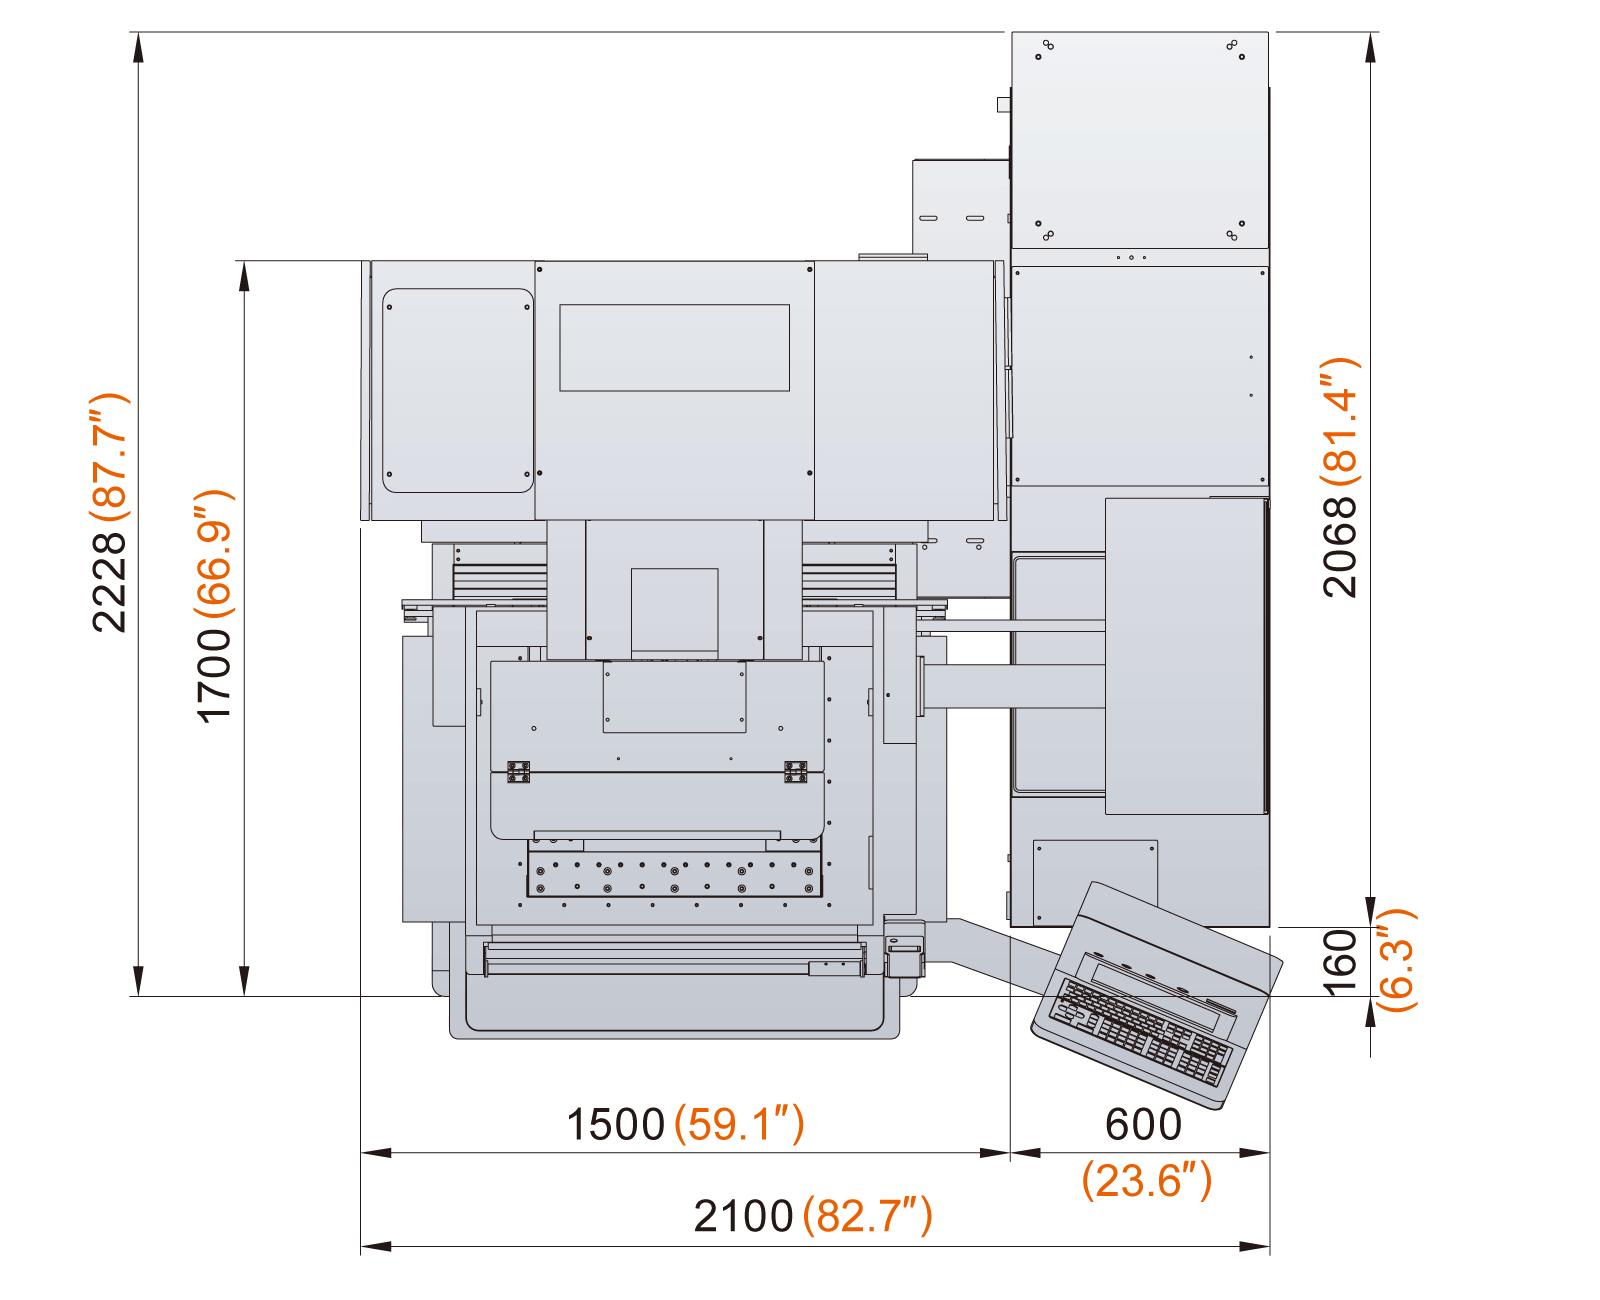 Excetek V400G floorplan